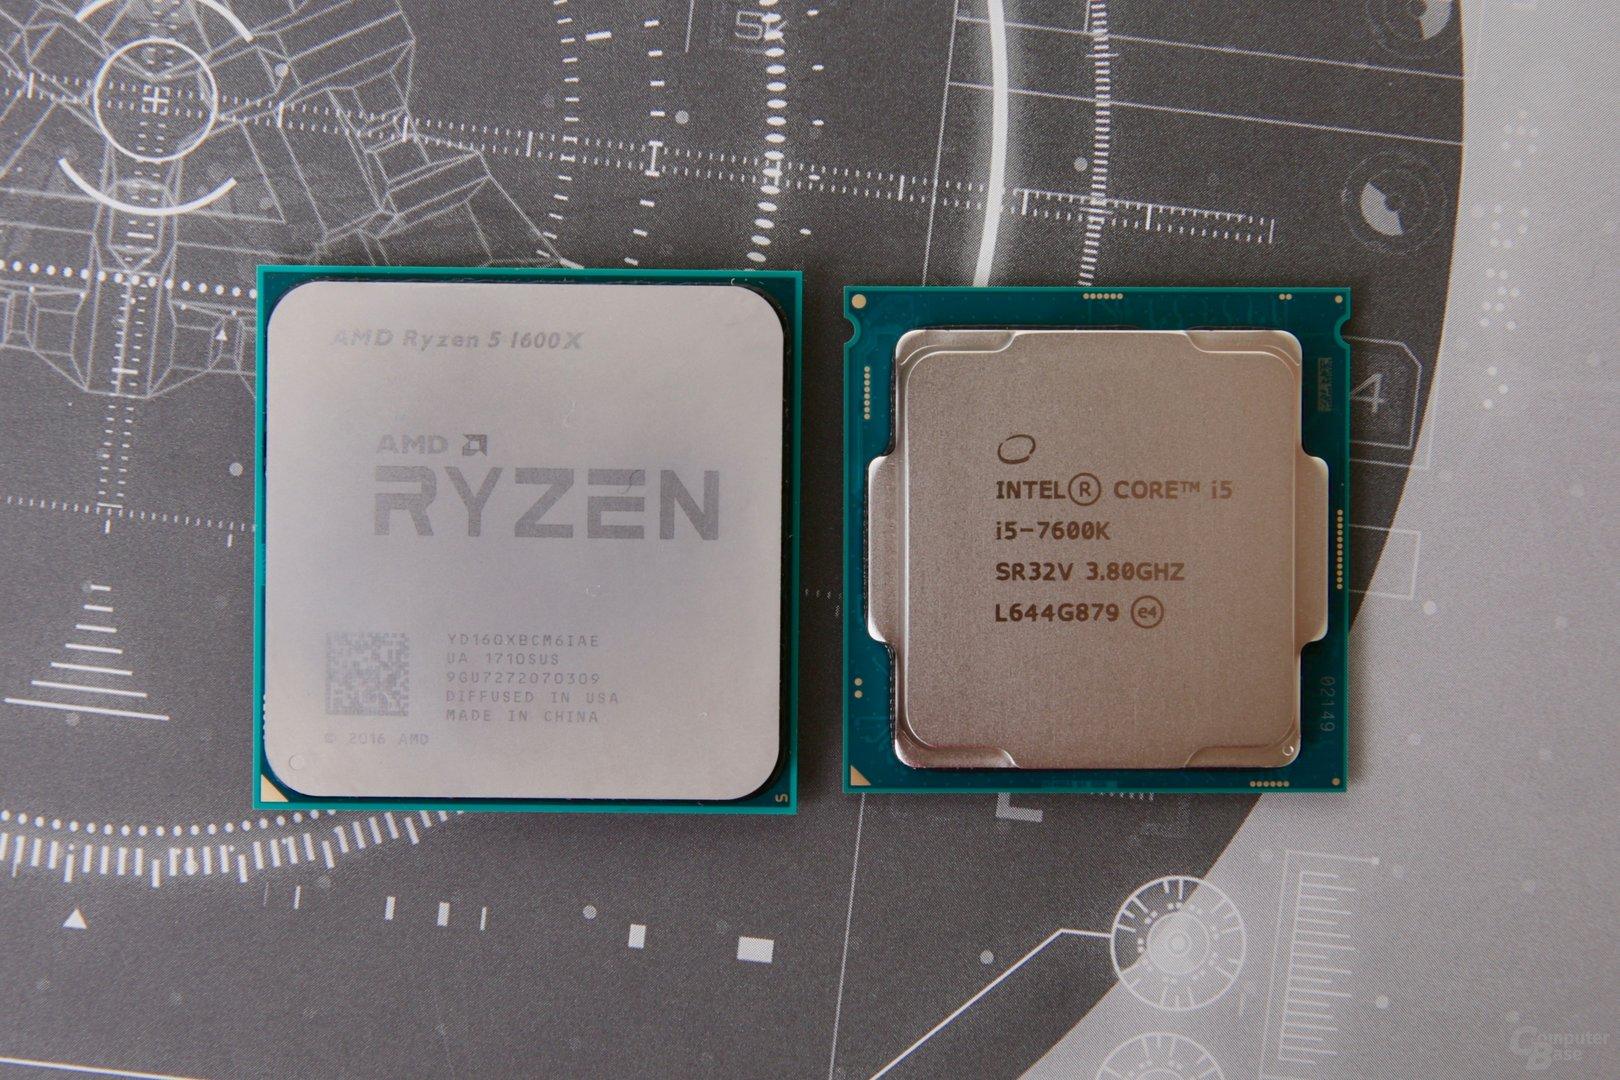 AMD Ryzen 5 für AM4 ist im Vergleich zu Core i5 im Sockel 1151 deutlich größer